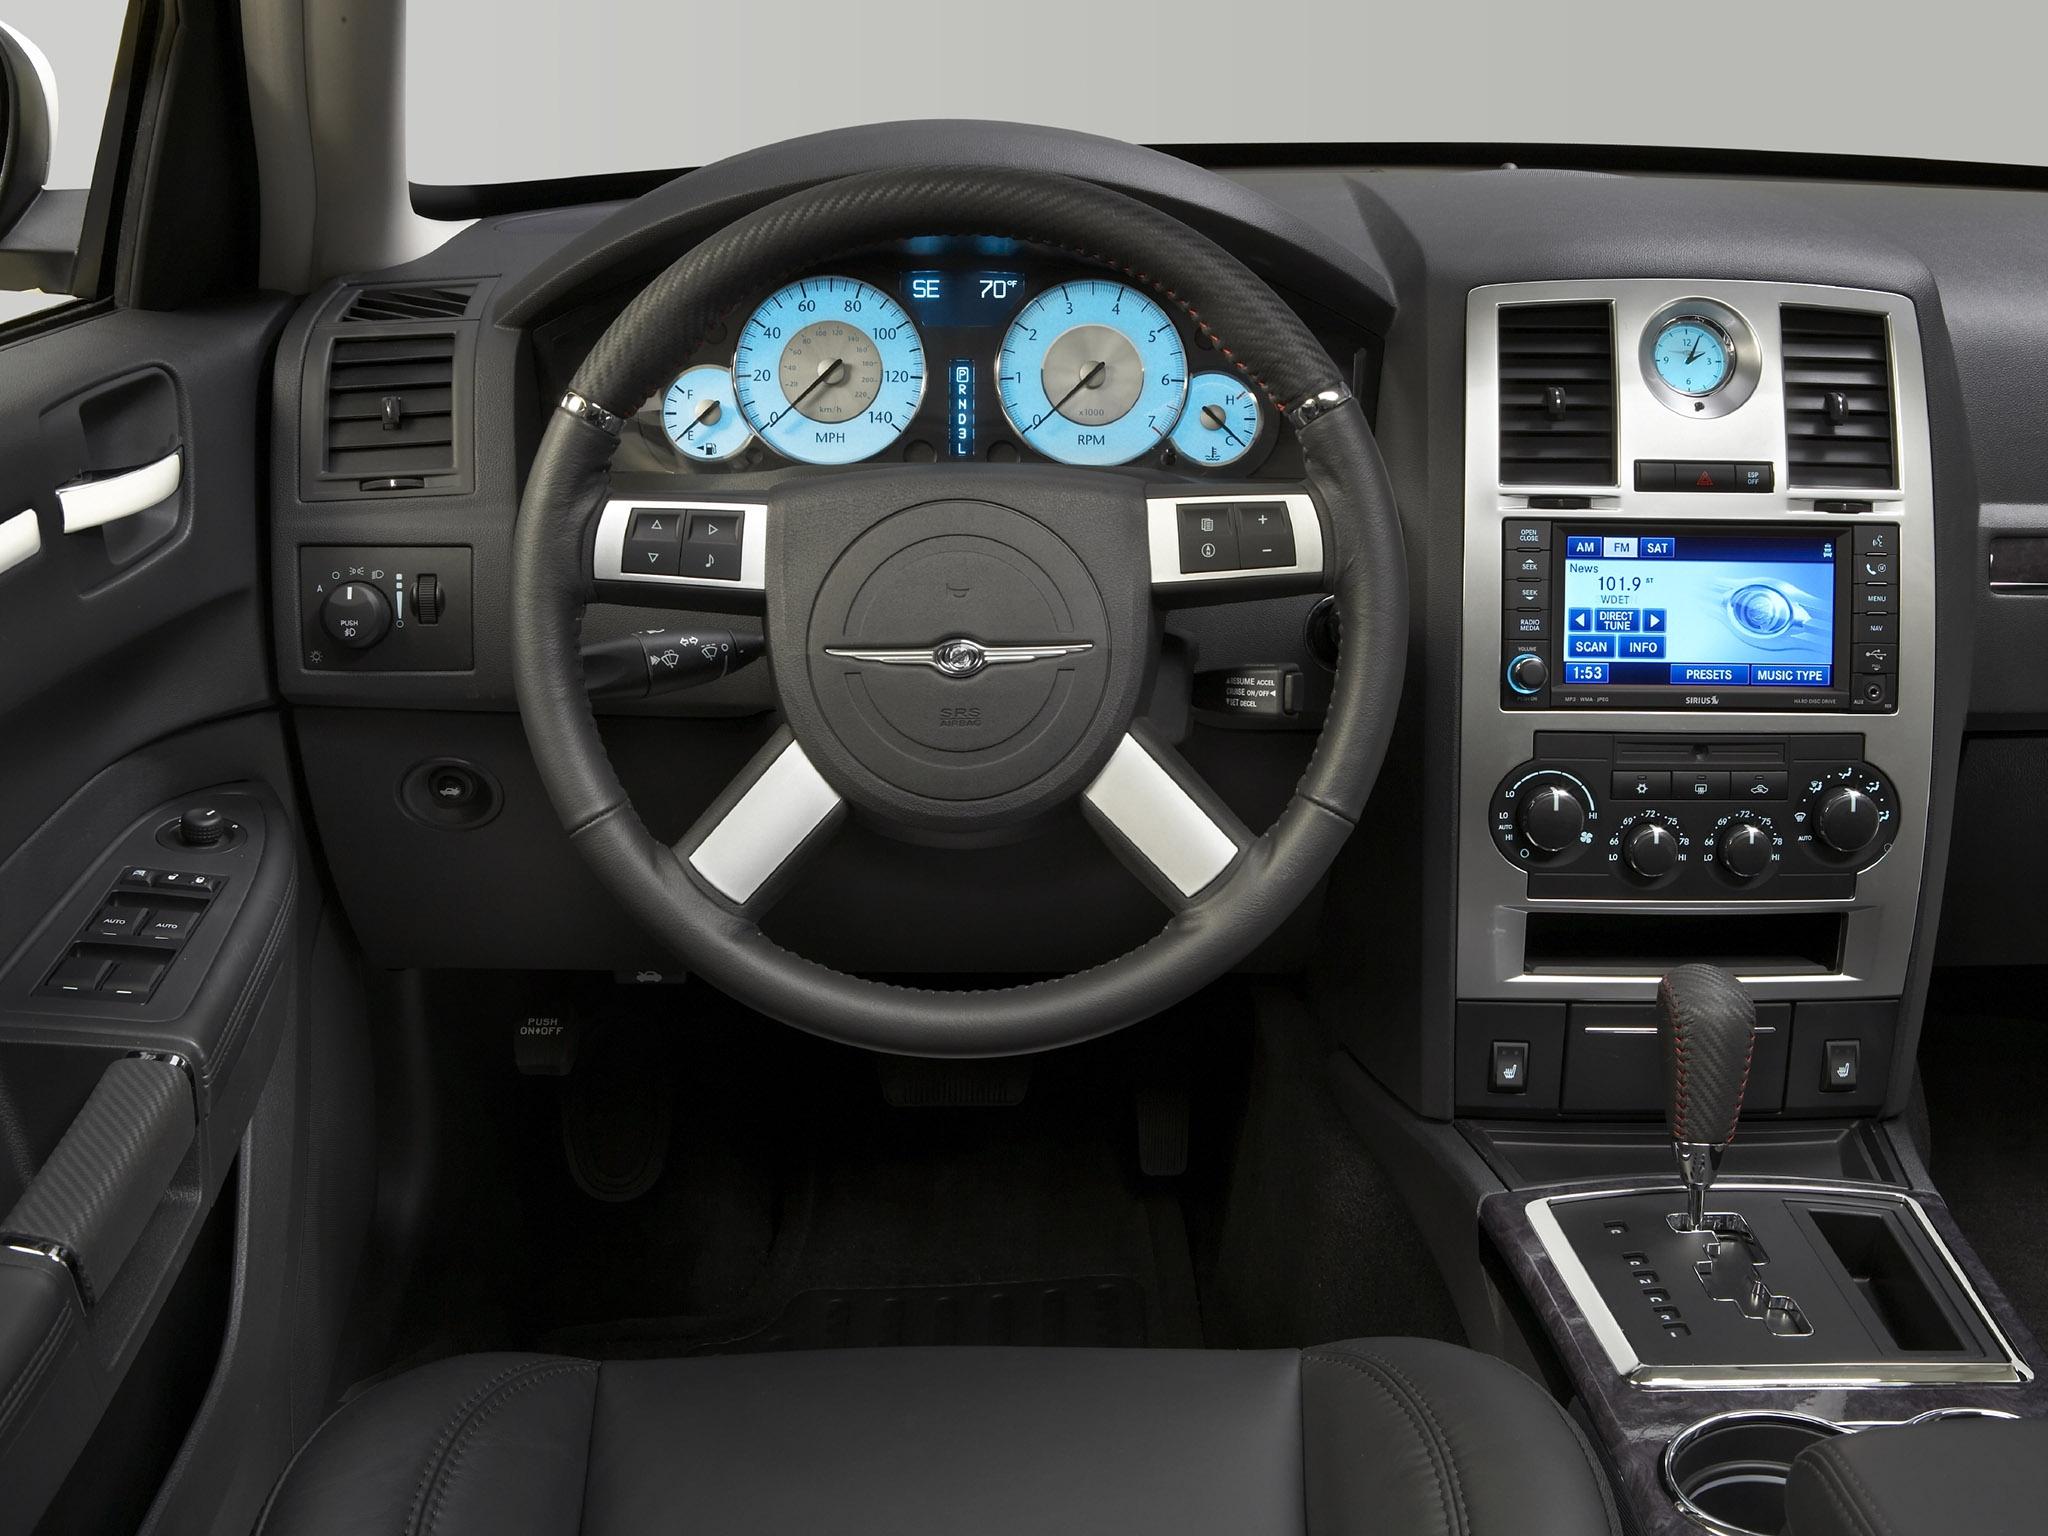 chrysler-interior-Chrysler-c-Interior-Image-for-chrysler-wallpaper-wpc9001247